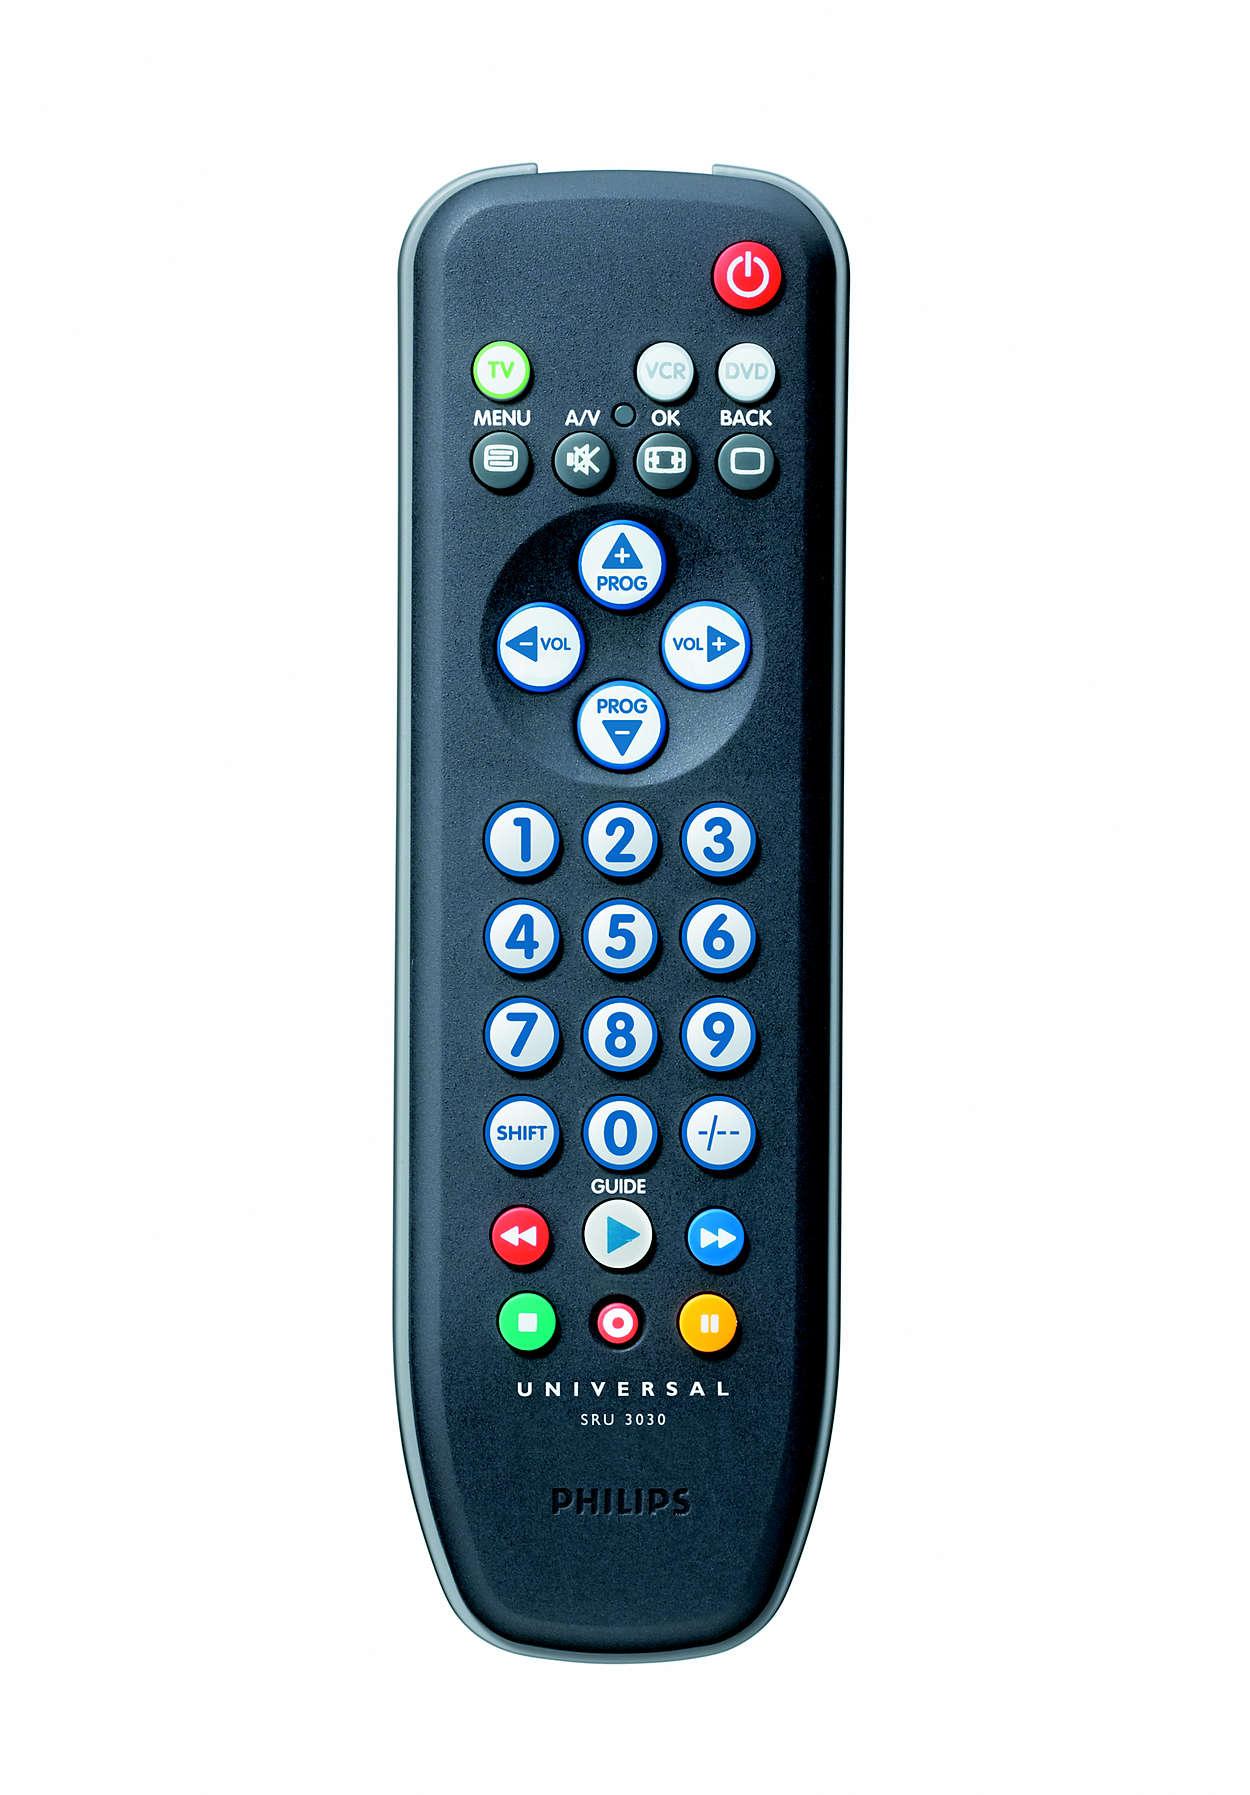 Telecomando universale sru3030 10 philips for Philips telecomando